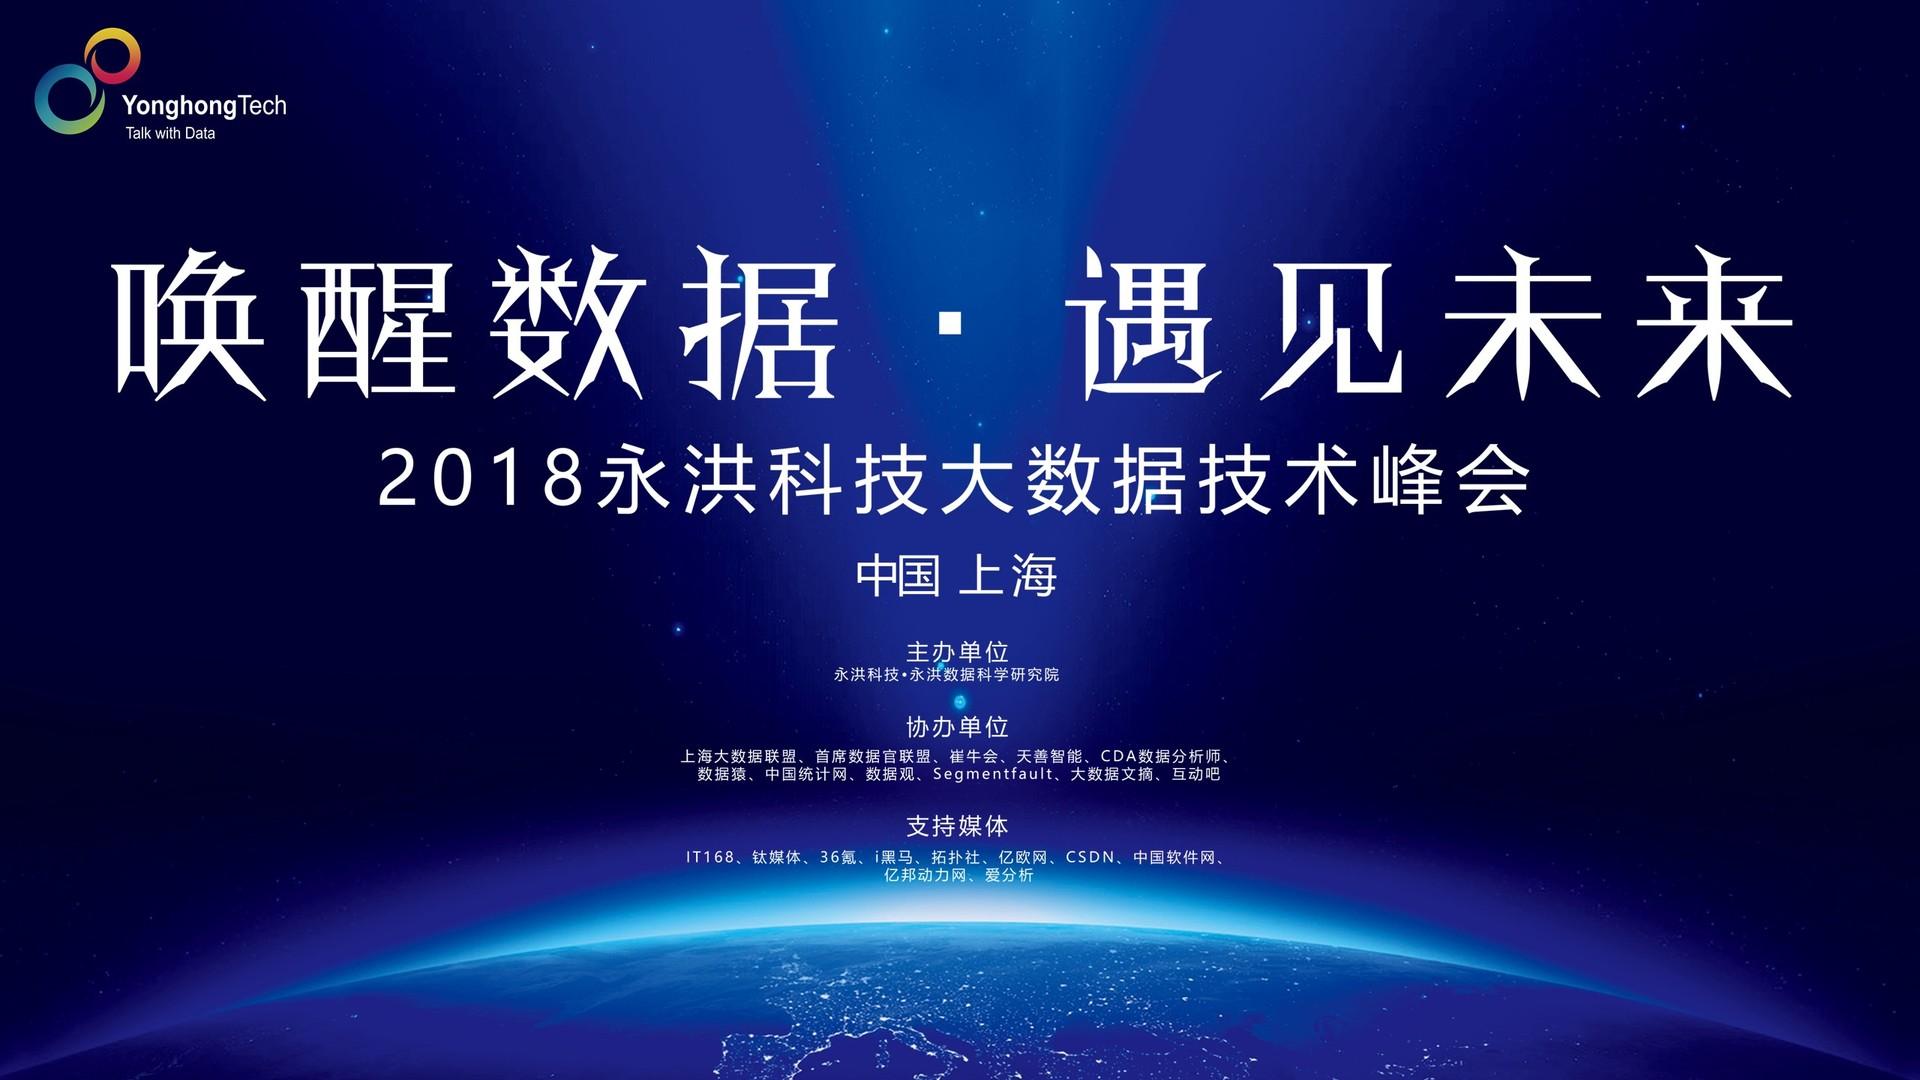 唤醒数据 · 遇见未来——2018 永洪科技大数据技术峰会  (上海站)